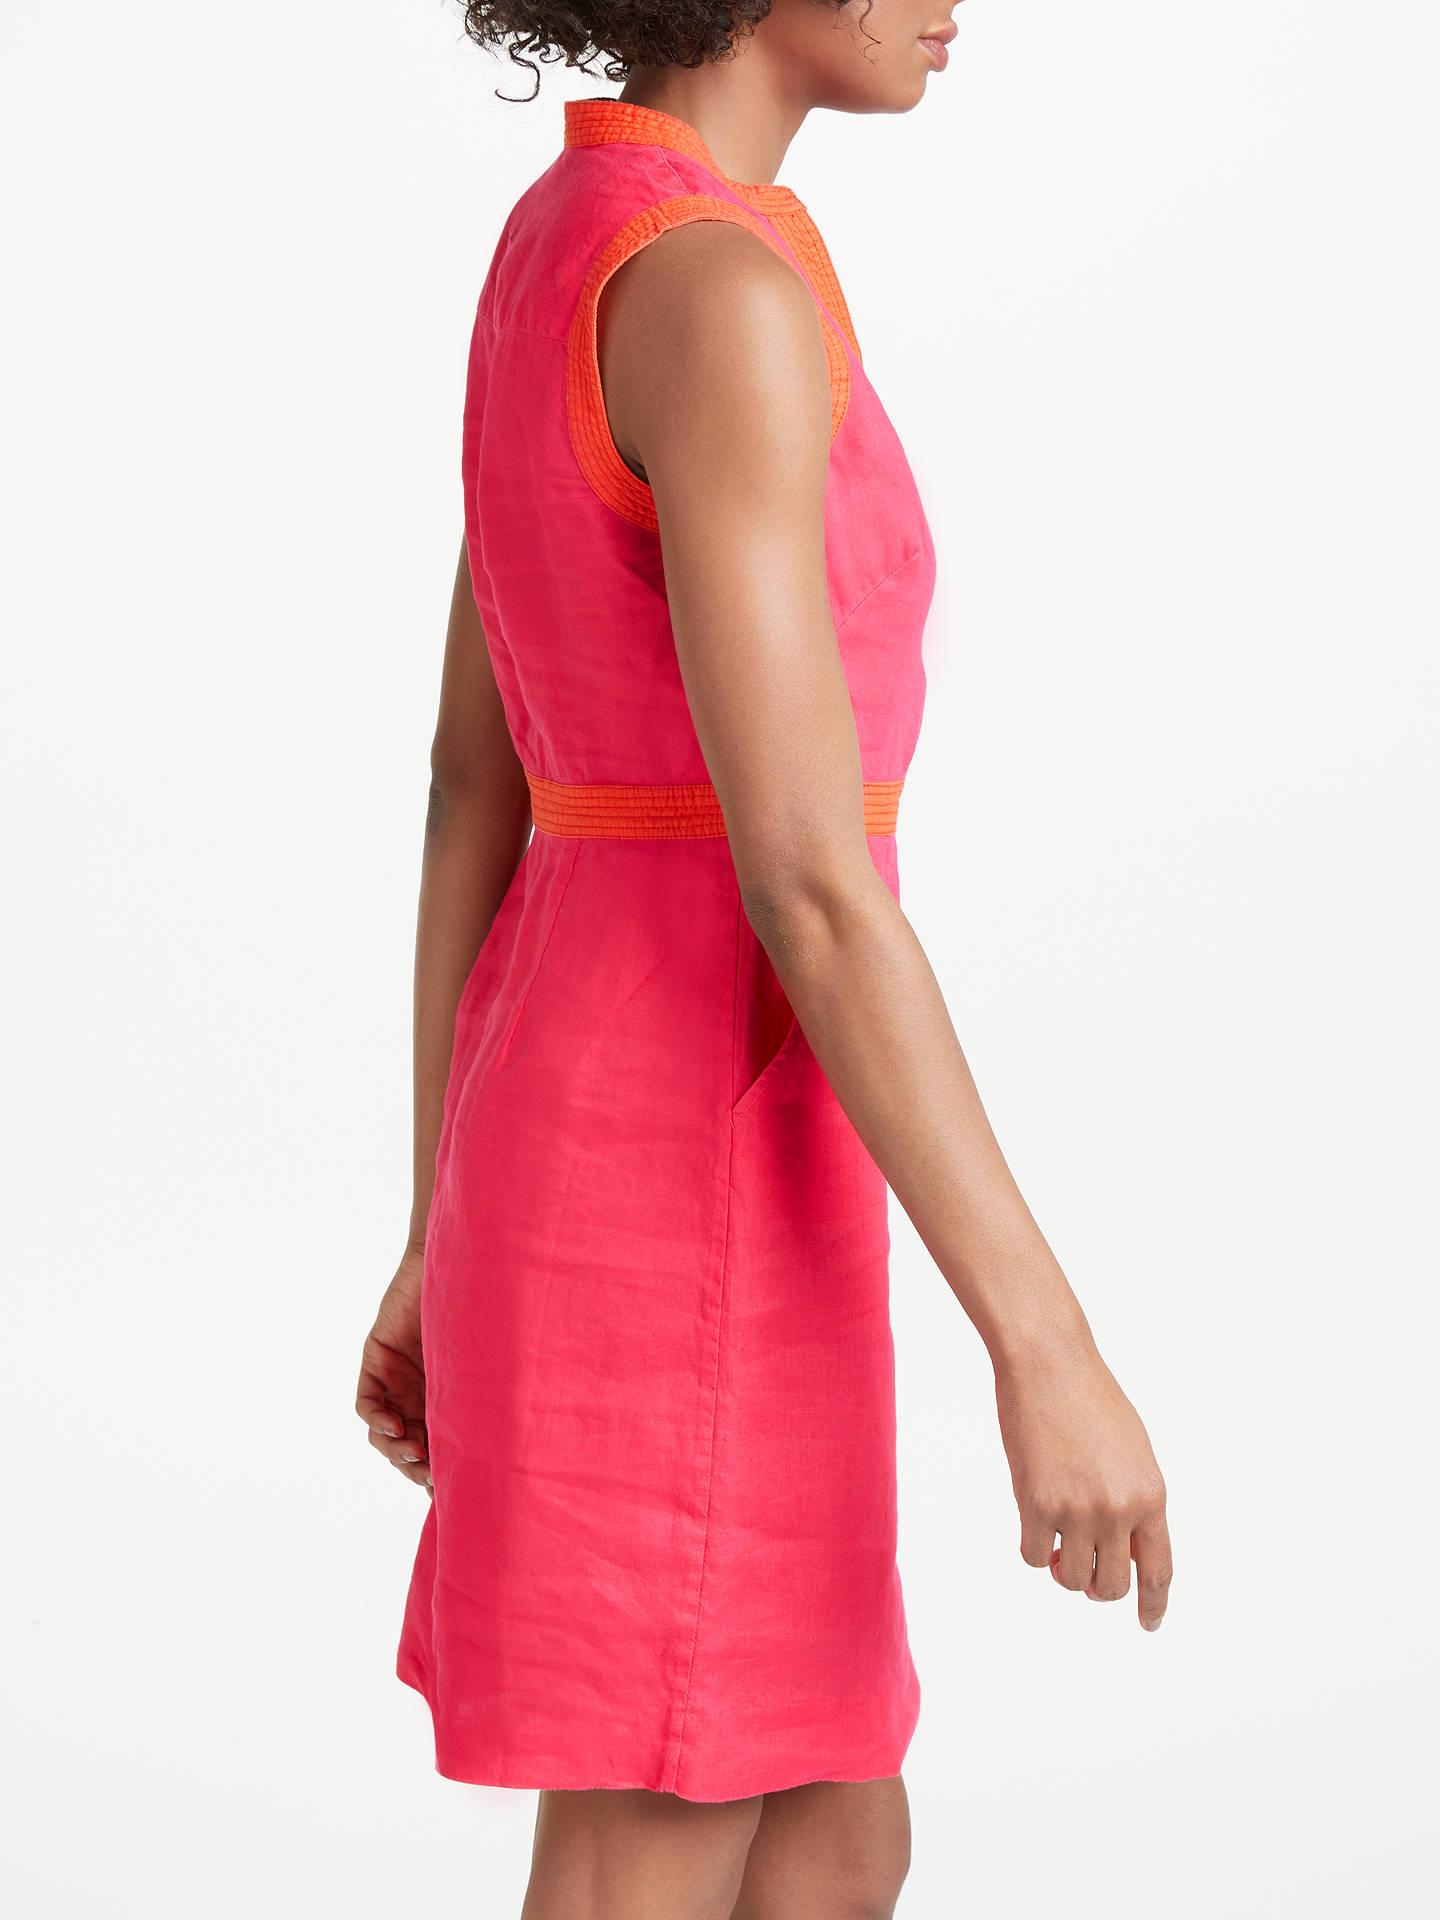 69c8f5cefd1 Boden Linen Notch Neck Dress at John Lewis   Partners